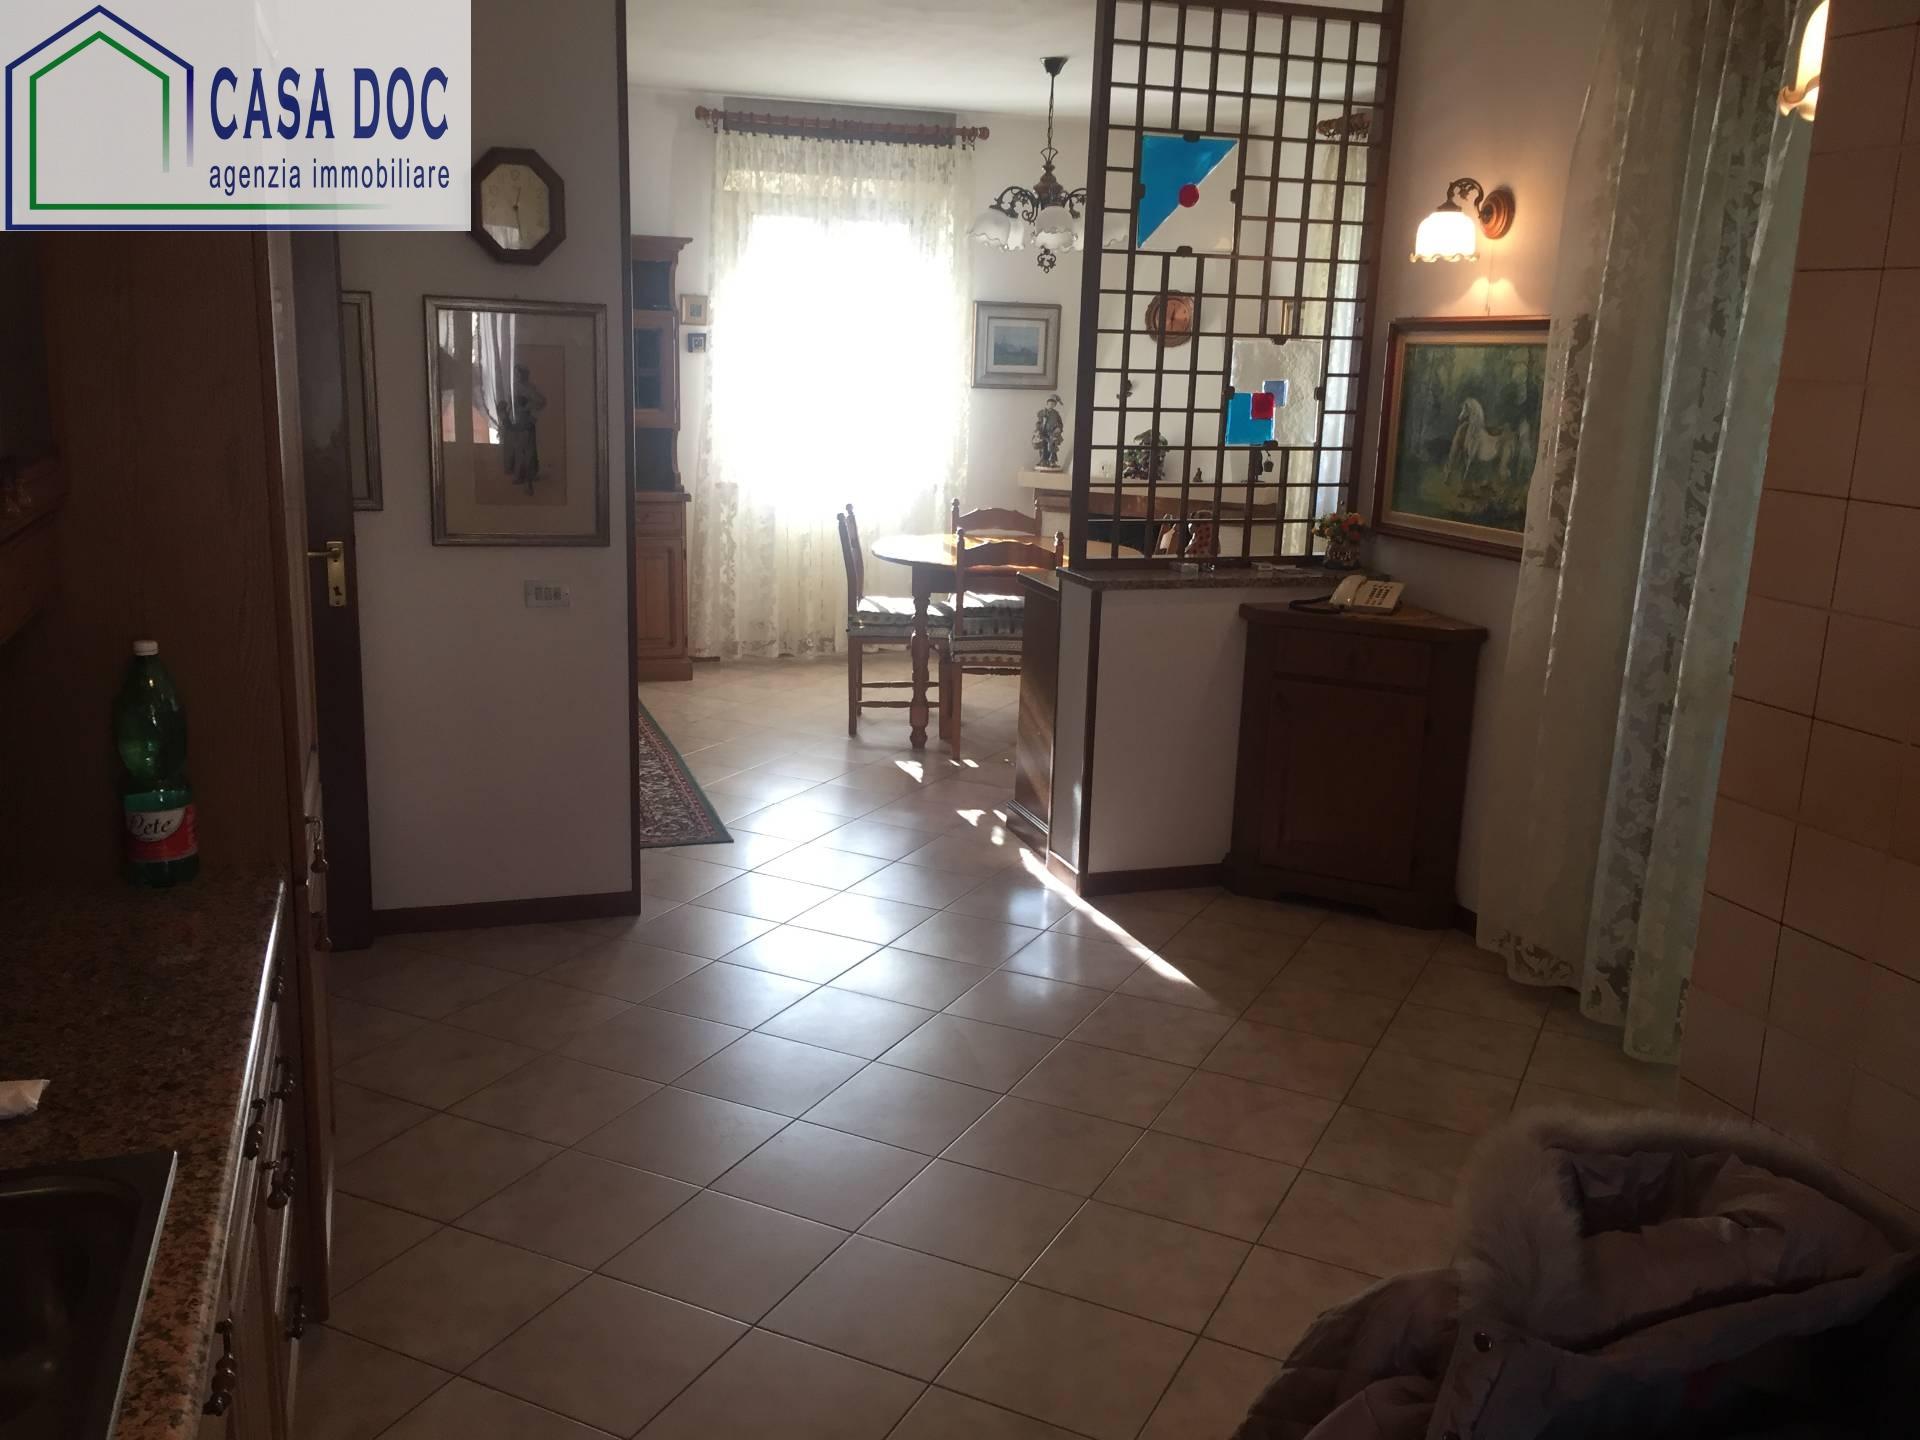 Villa in vendita a Siziano, 3 locali, prezzo € 279.000 | Cambio Casa.it